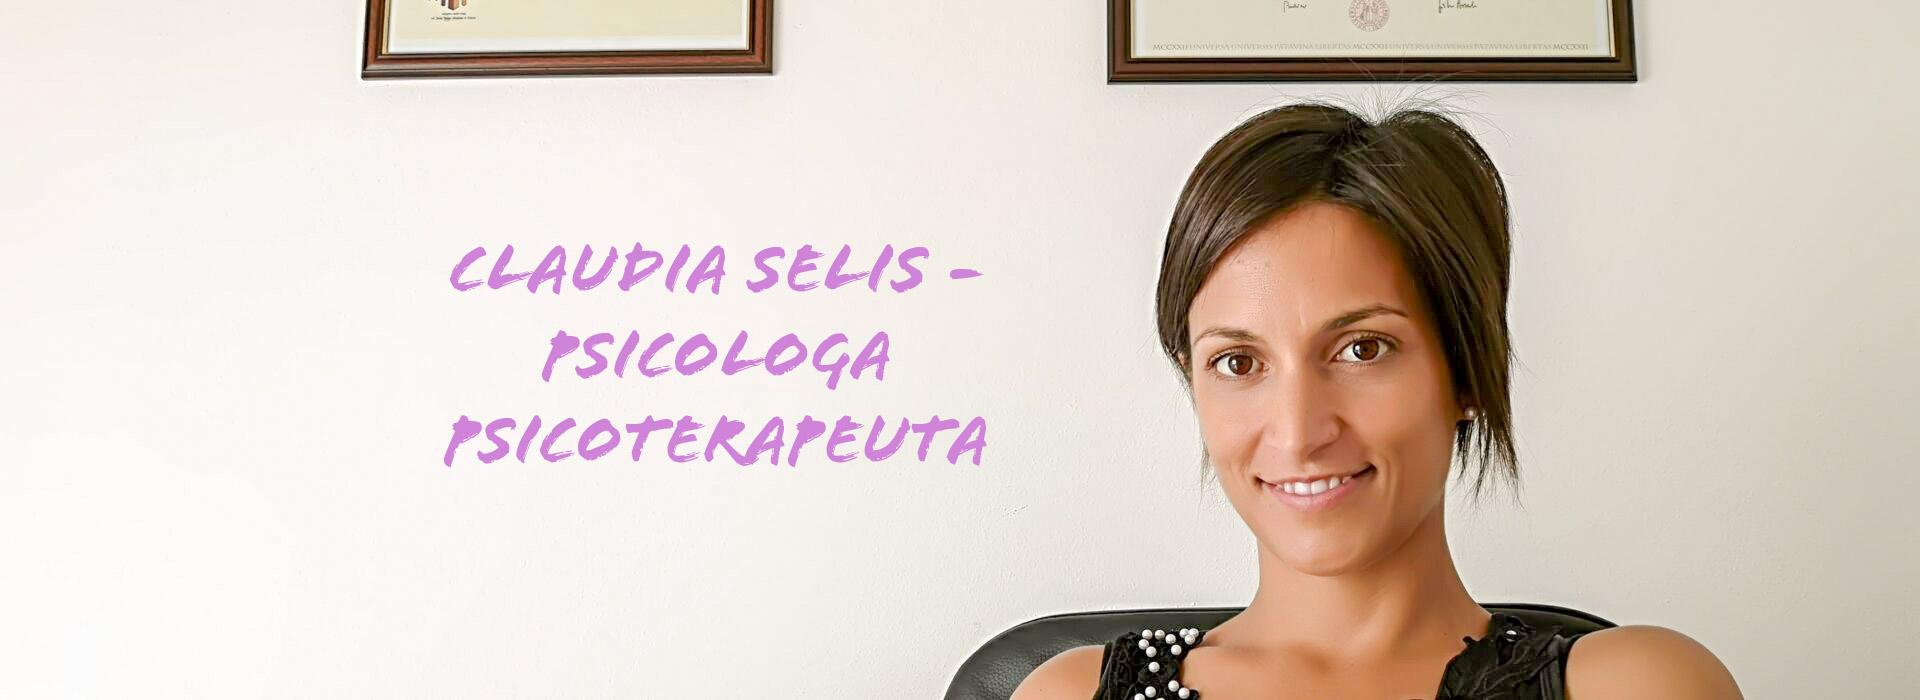 Claudia Selis - Psicologa Psicoterapeuta Oristano